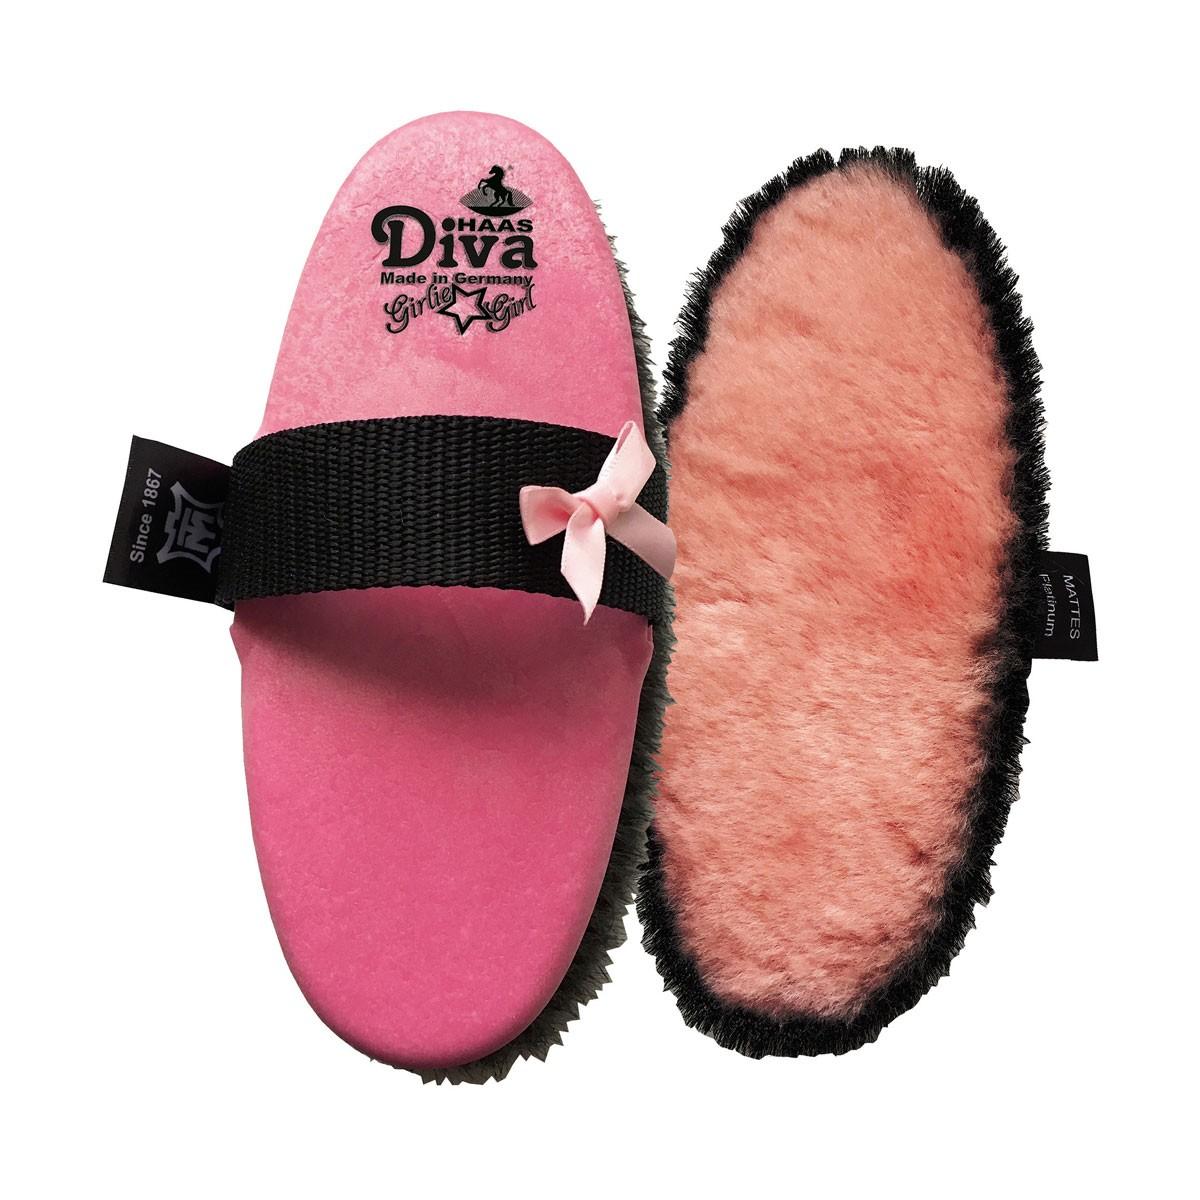 Haas Diva Girlie Girl Brush